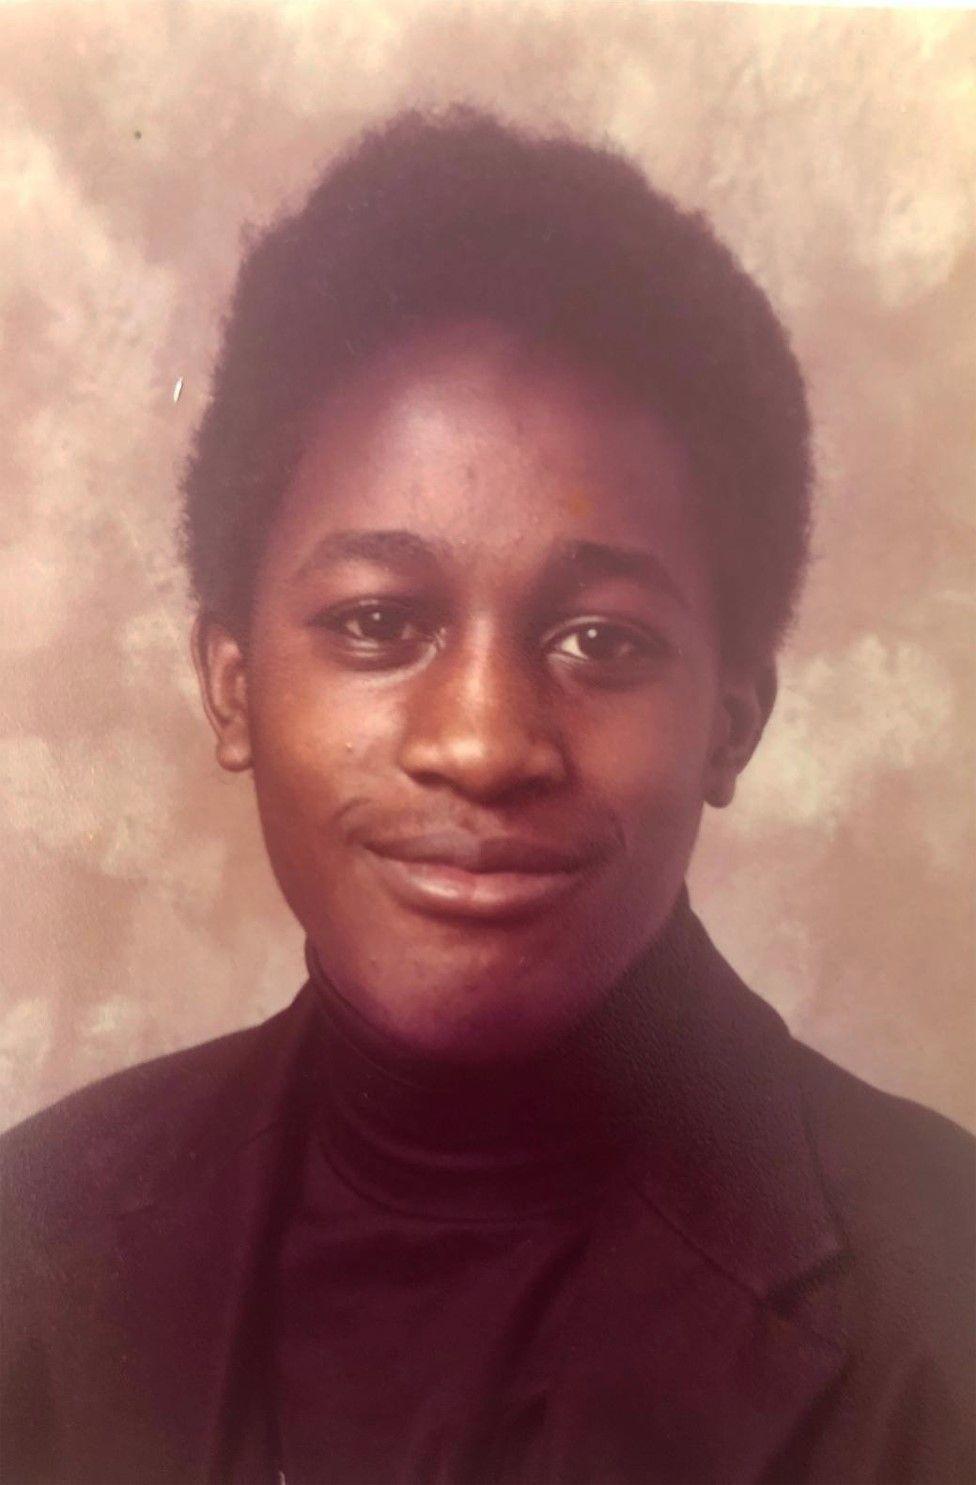 Tony Kofi aged 15